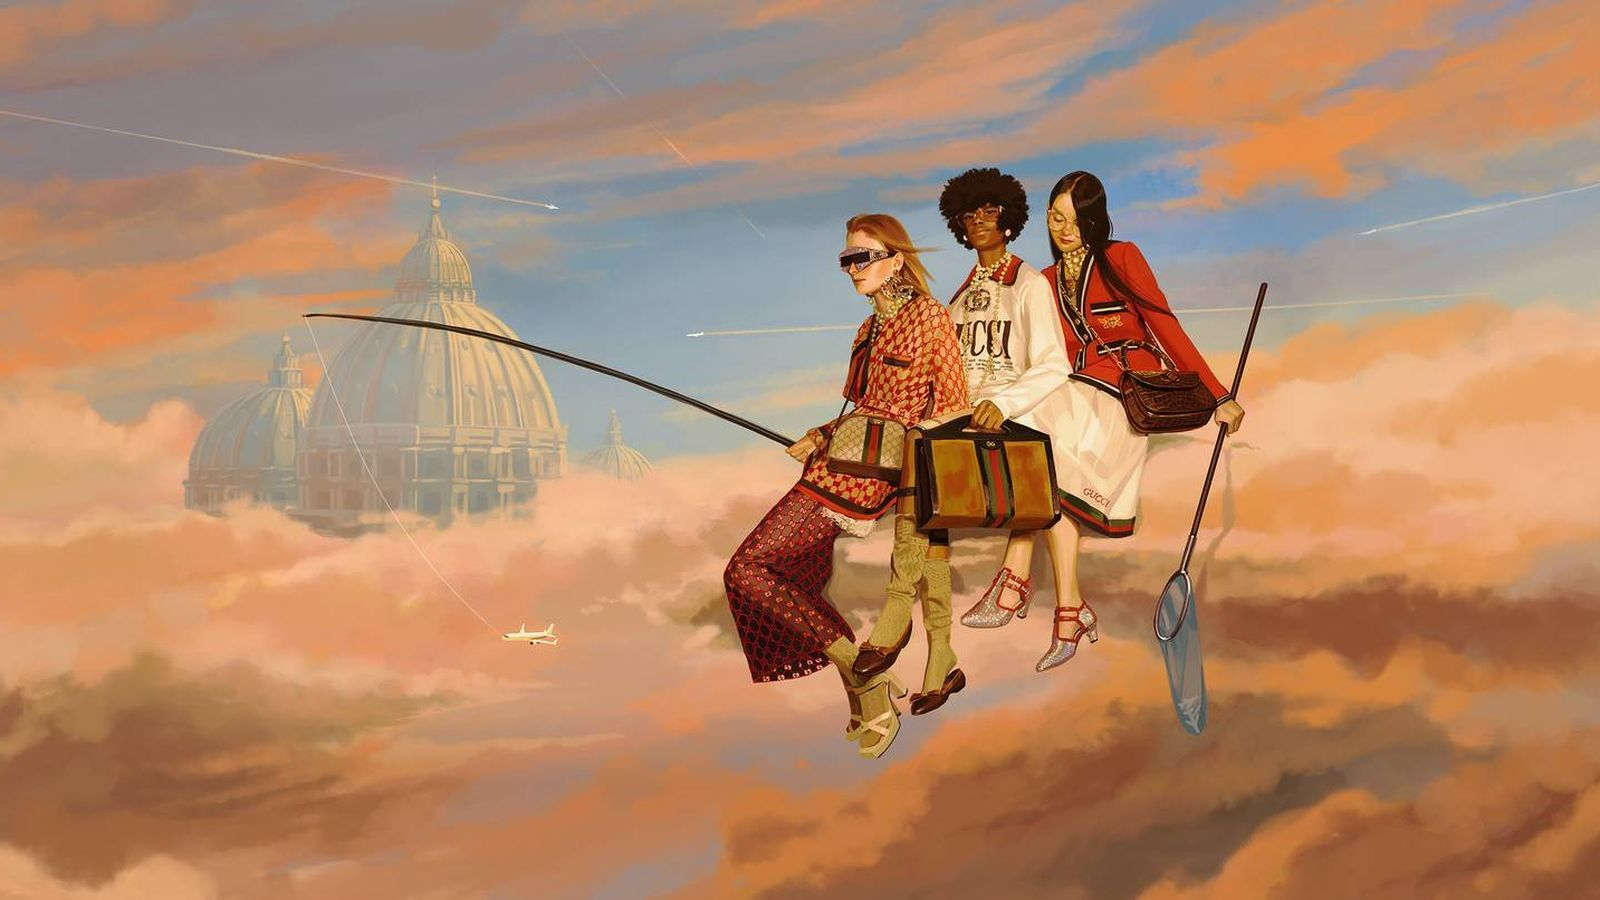 Foto: En la imagen, ilustración de Ignasi Monreal para la campaña primavera-verano 2018 de Gucci. (Imagen: Gucci)